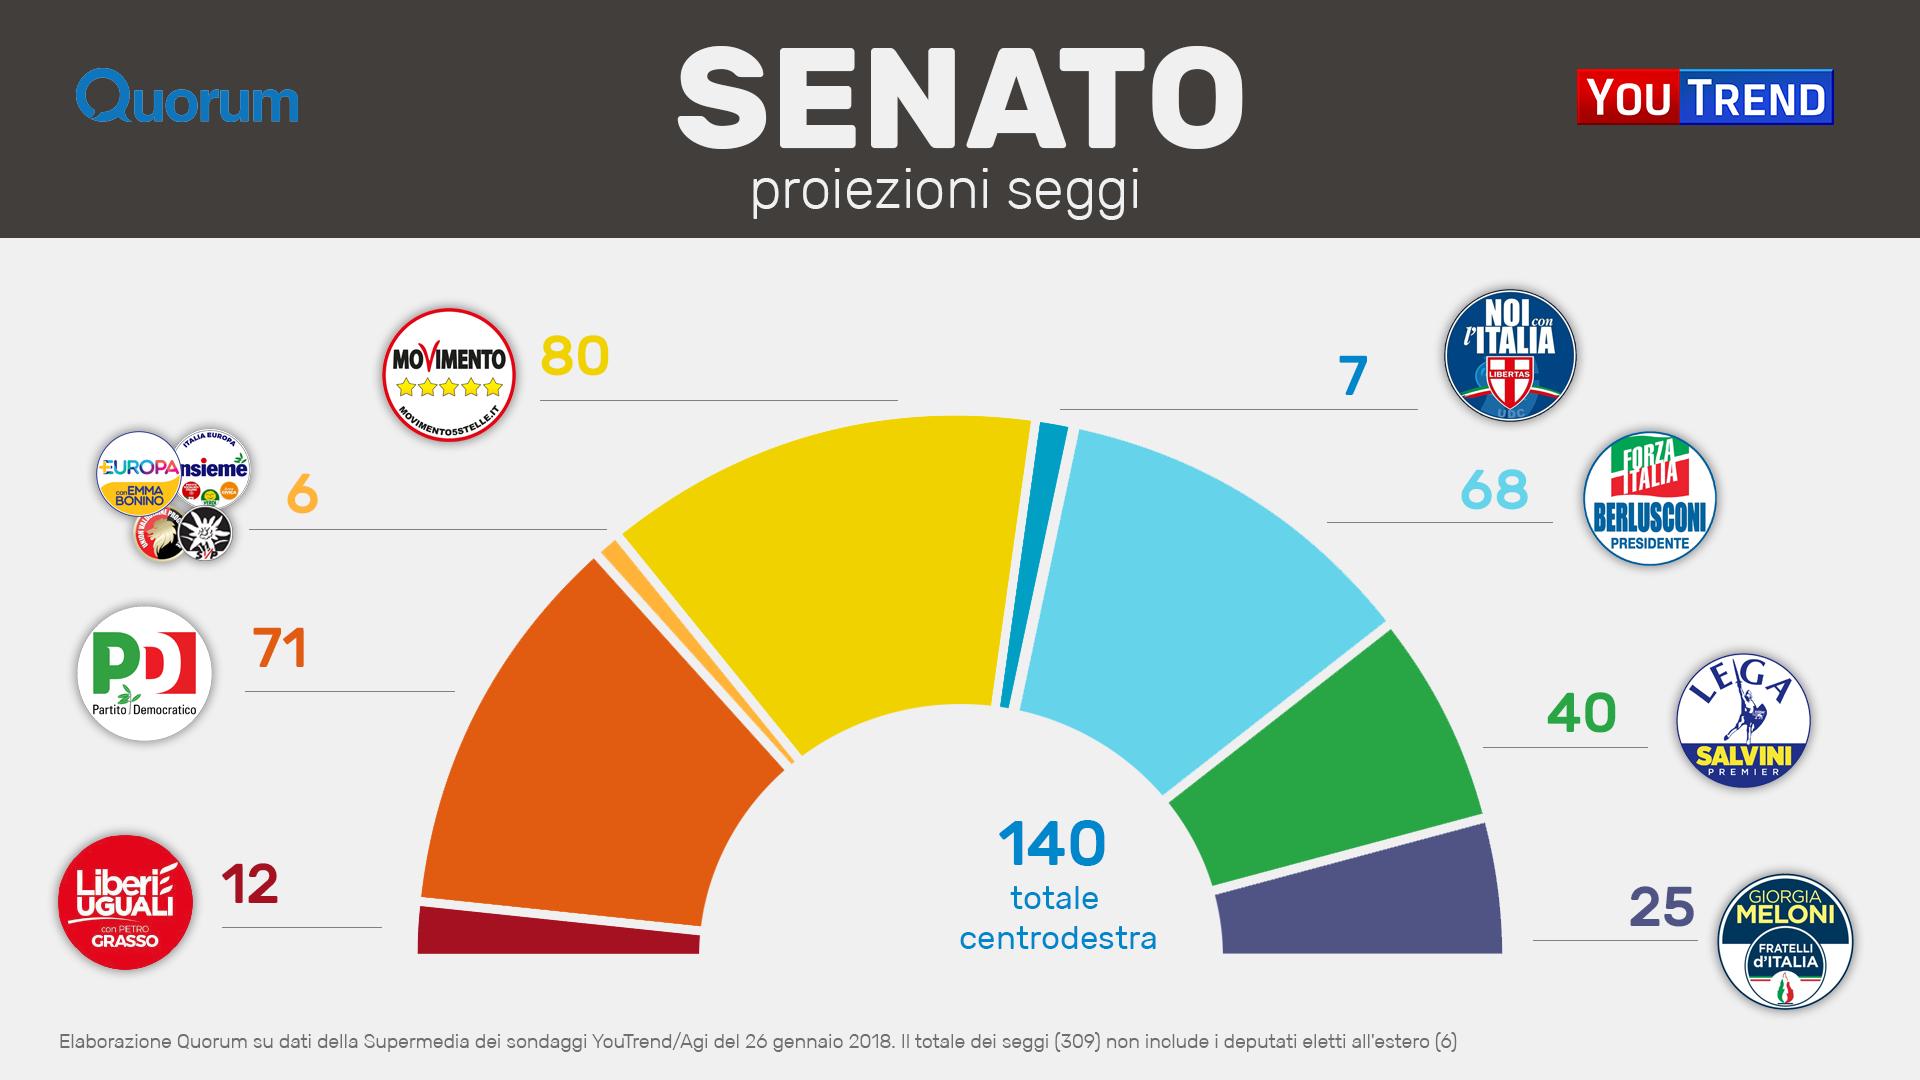 20180201 EMICICLI SM SEN PARTITI Un mese dal voto, ancora nessuna maggioranza: tutti i possibili scenari post voto